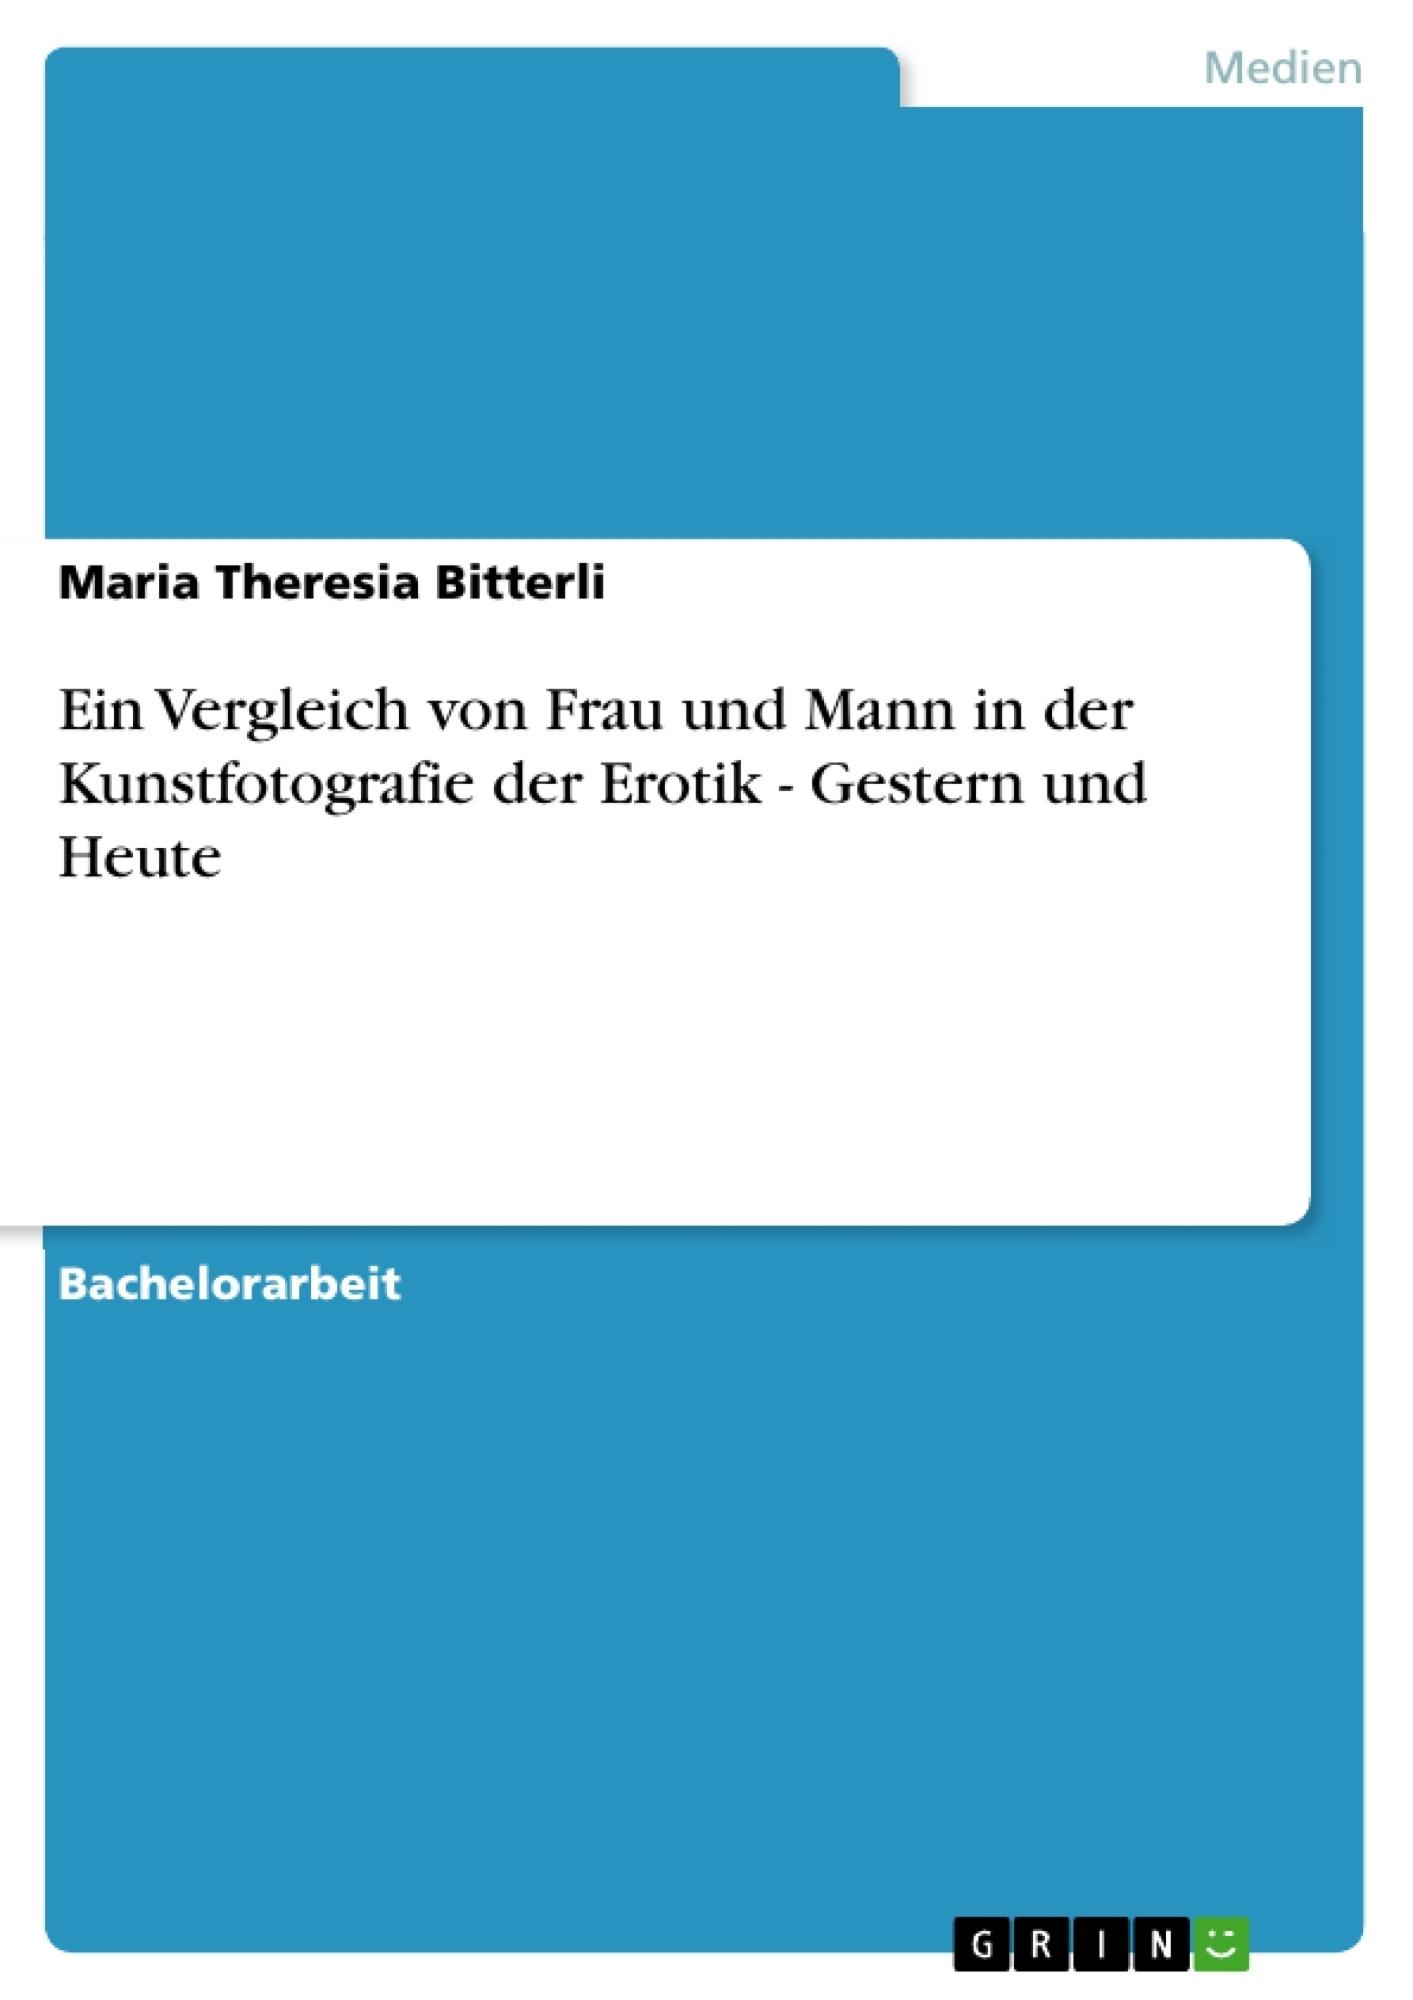 Titel: Ein Vergleich von Frau und Mann in der Kunstfotografie der Erotik - Gestern und Heute